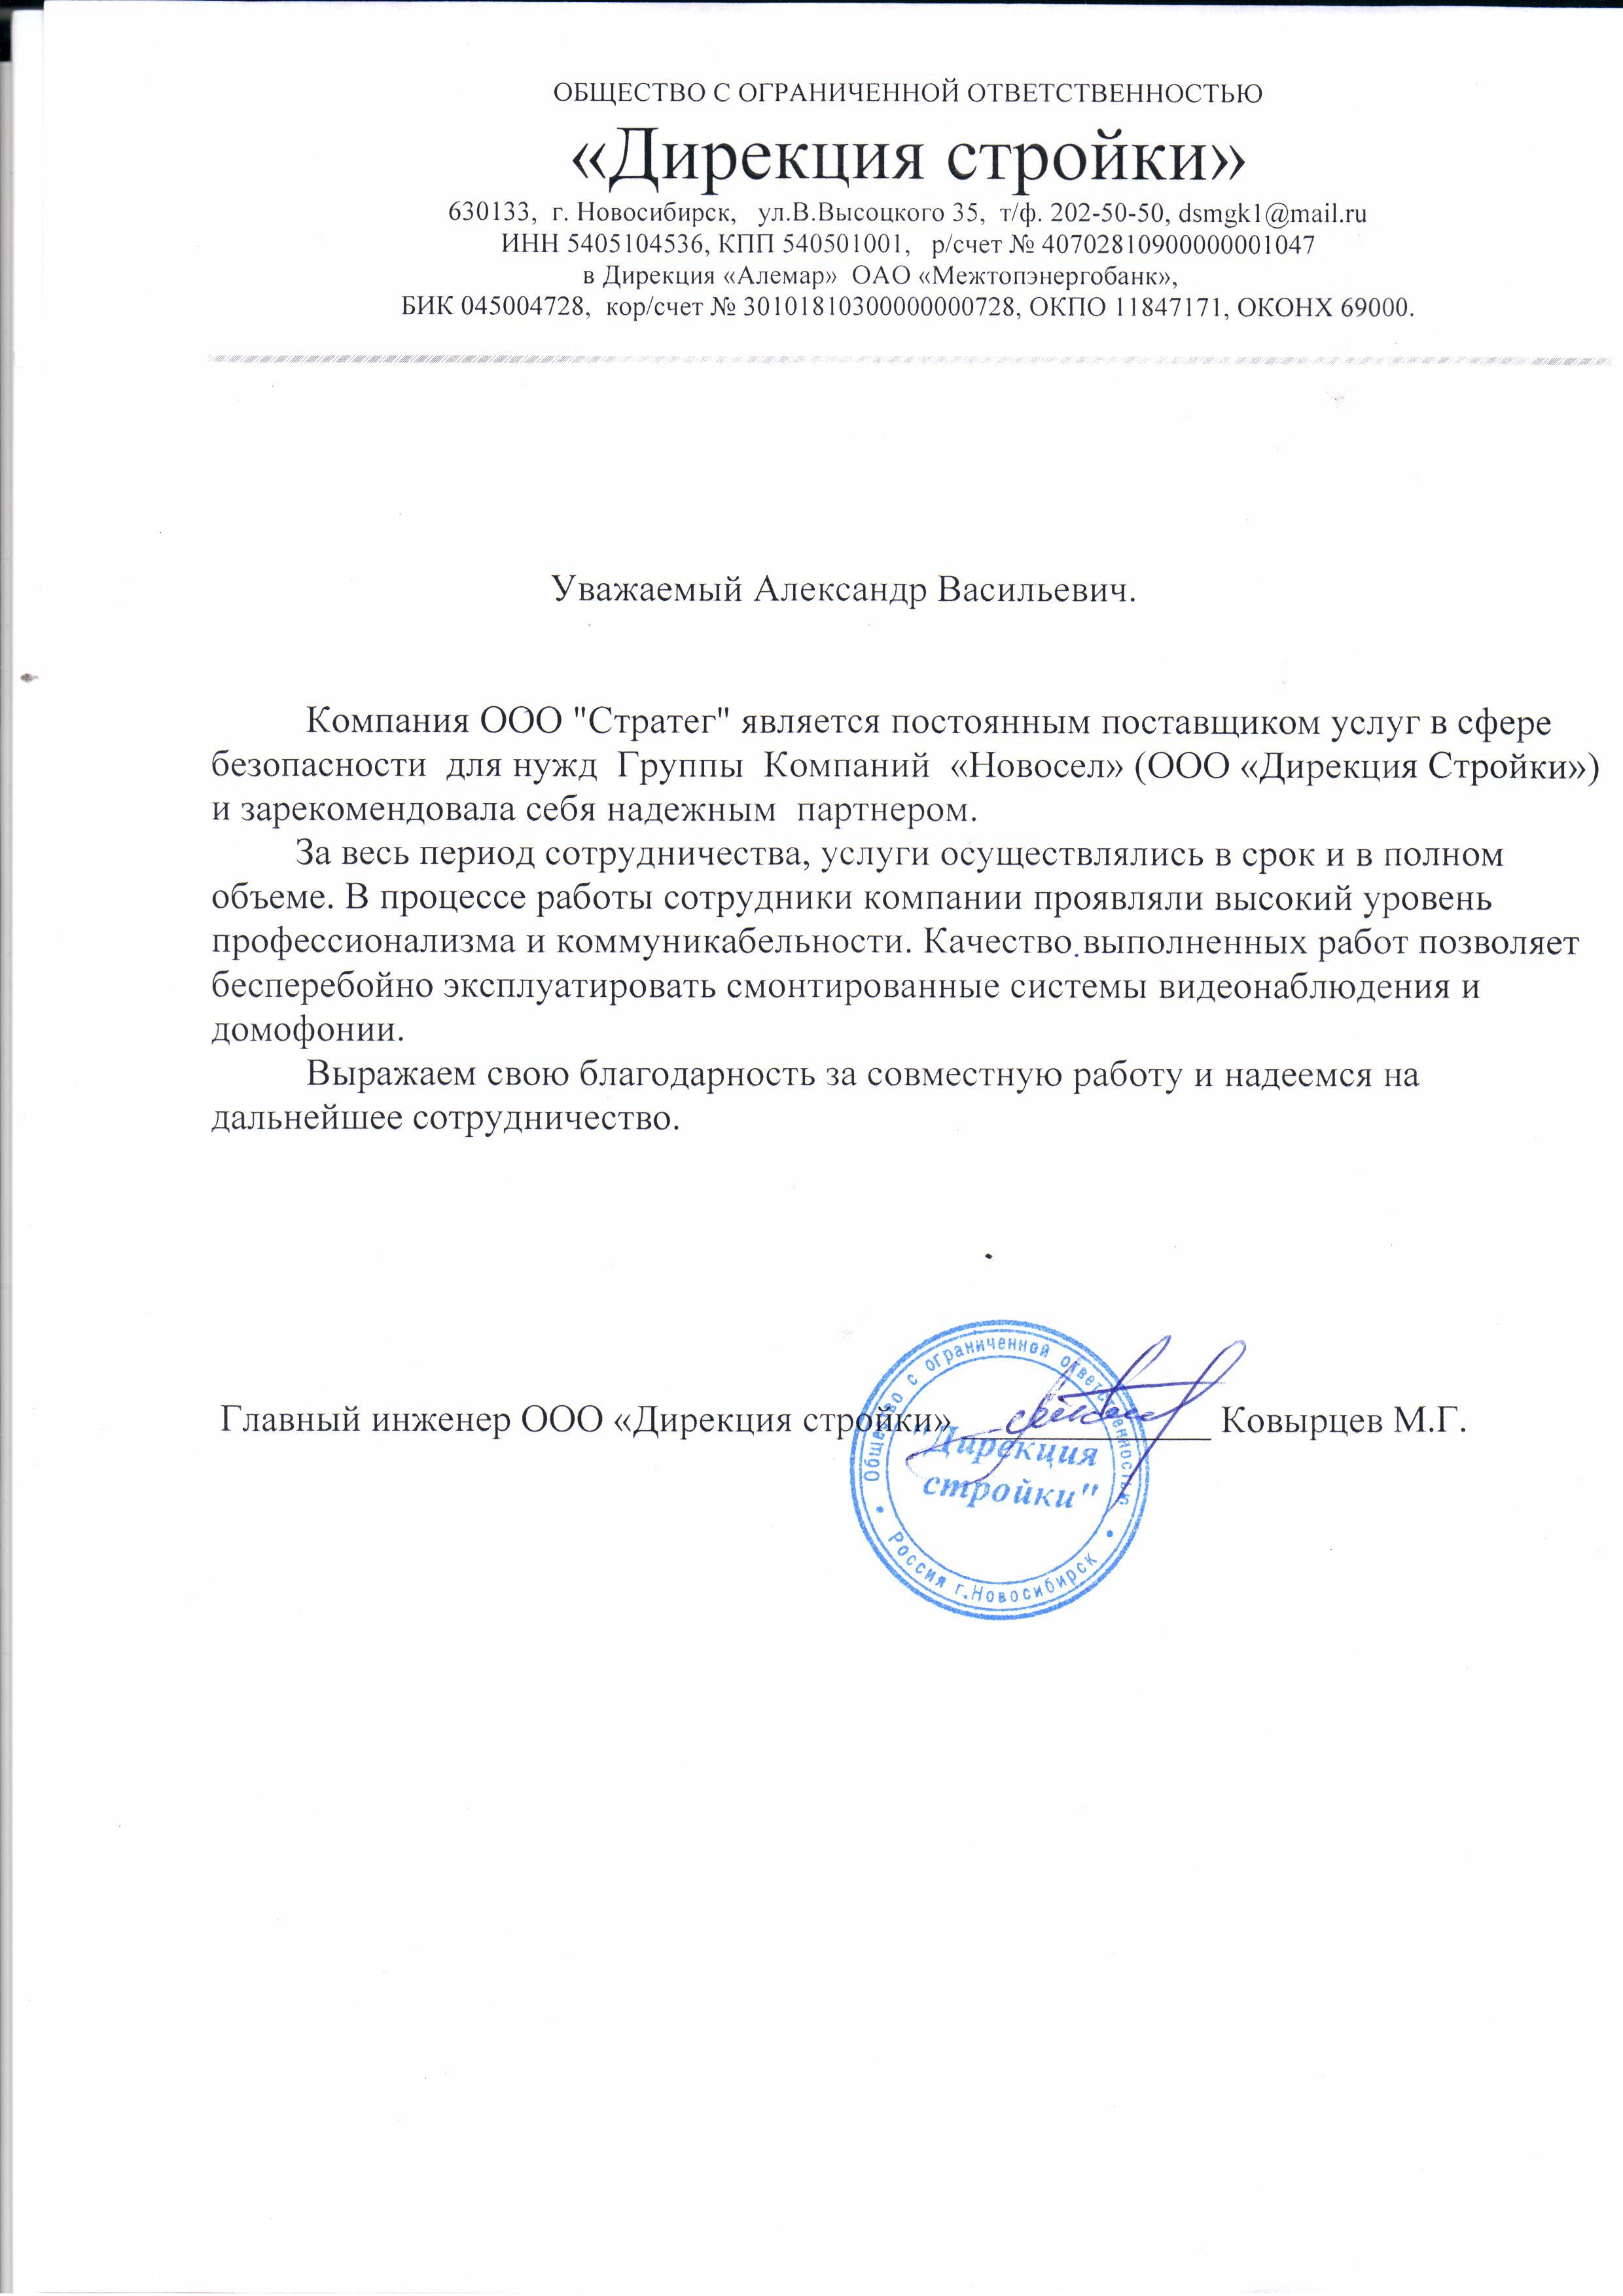 коммерческое предложение на технического обслуживания систем видеонаблюдения